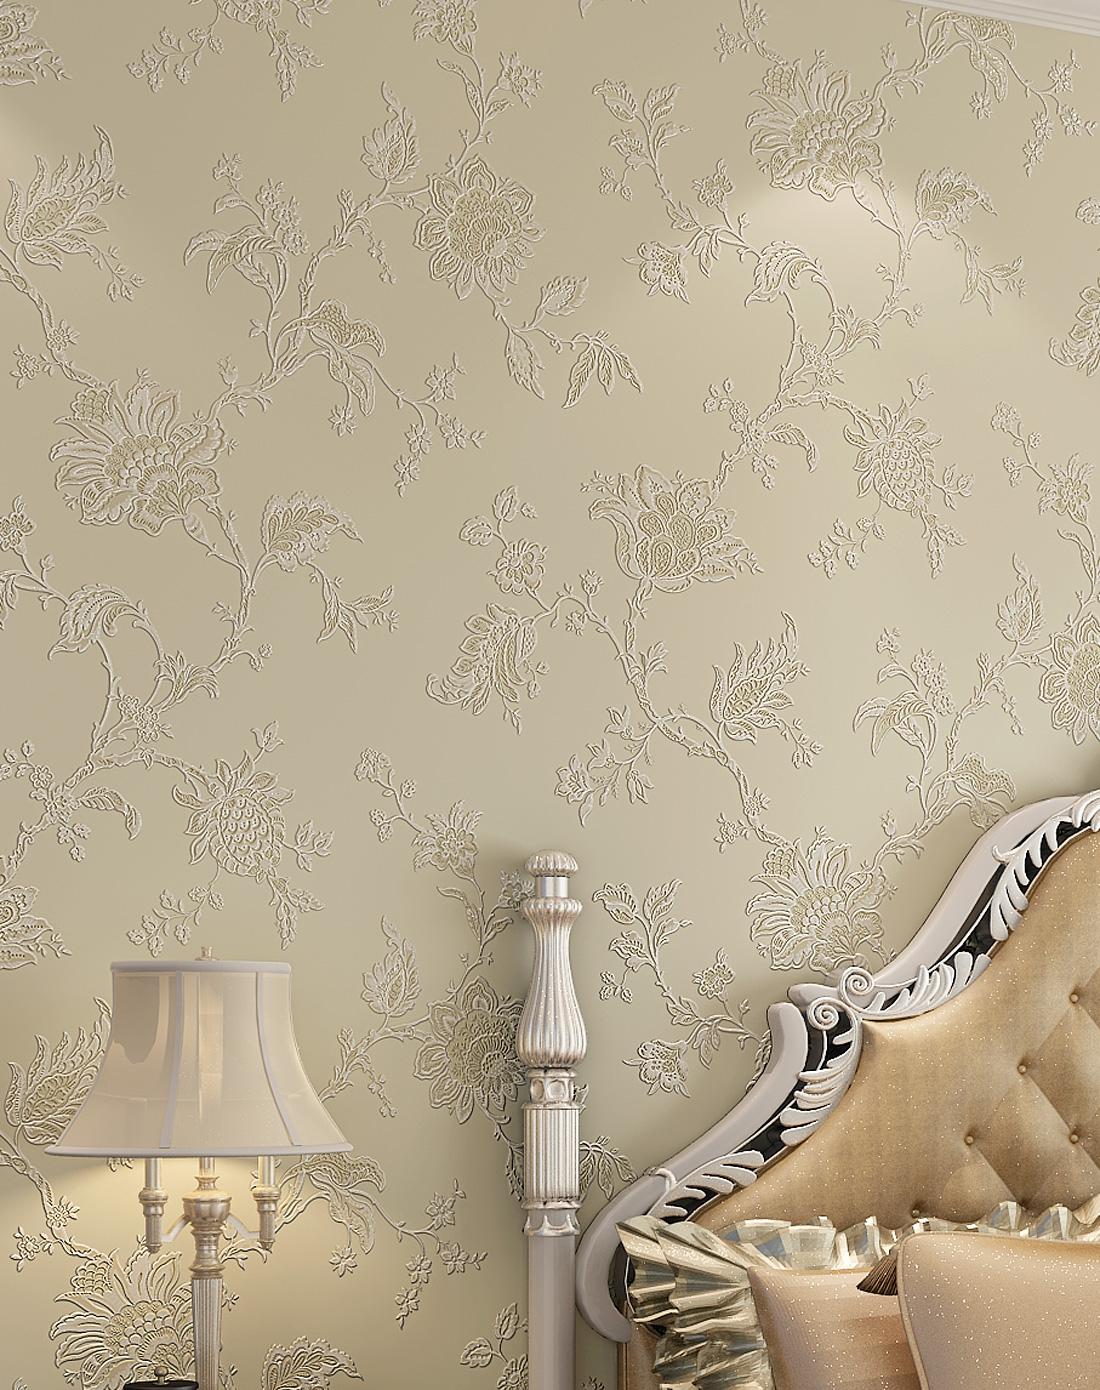 纸尚美学墙纸专场米色3d浮雕欧式简约风格立体壁纸图片